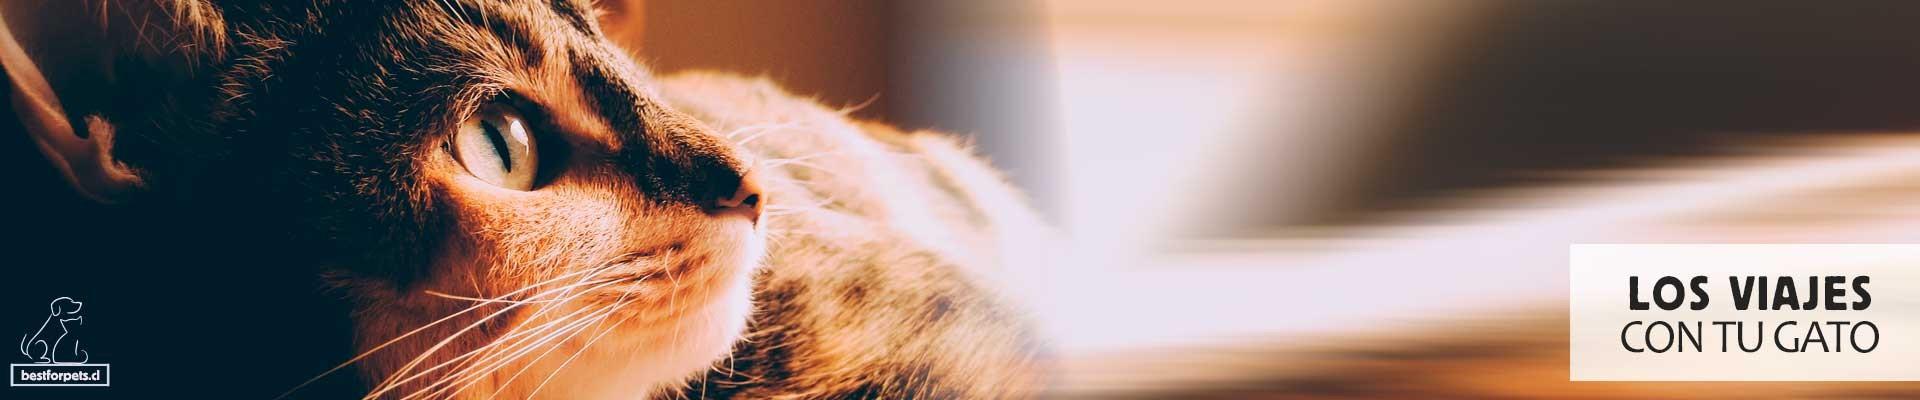 Te ayudamos con los viajes y transporte de tu gato